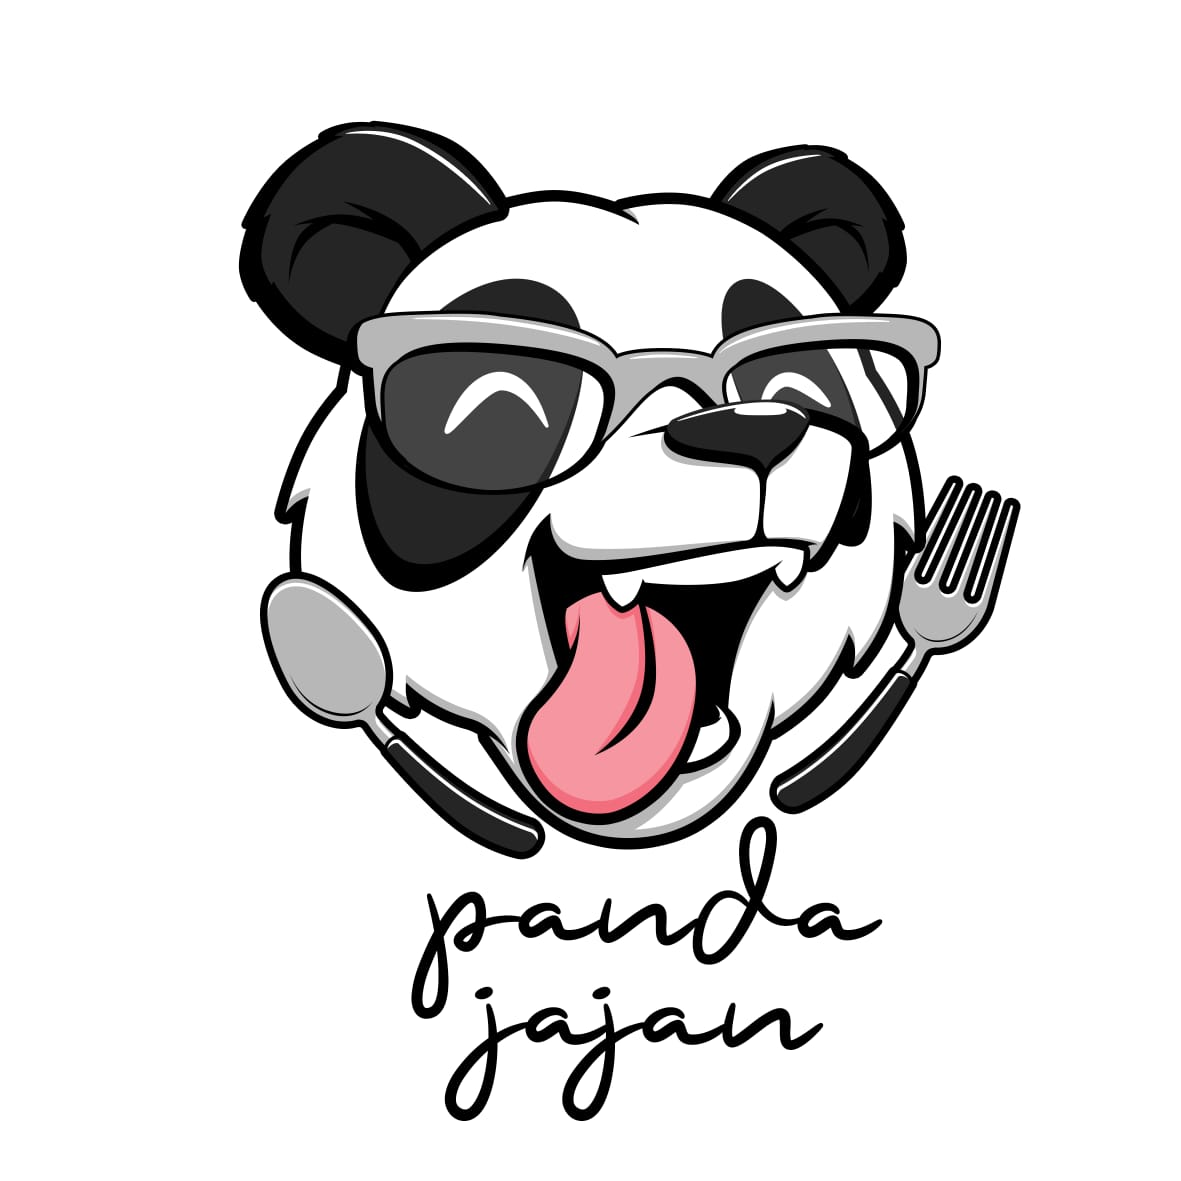 Panda Jajan